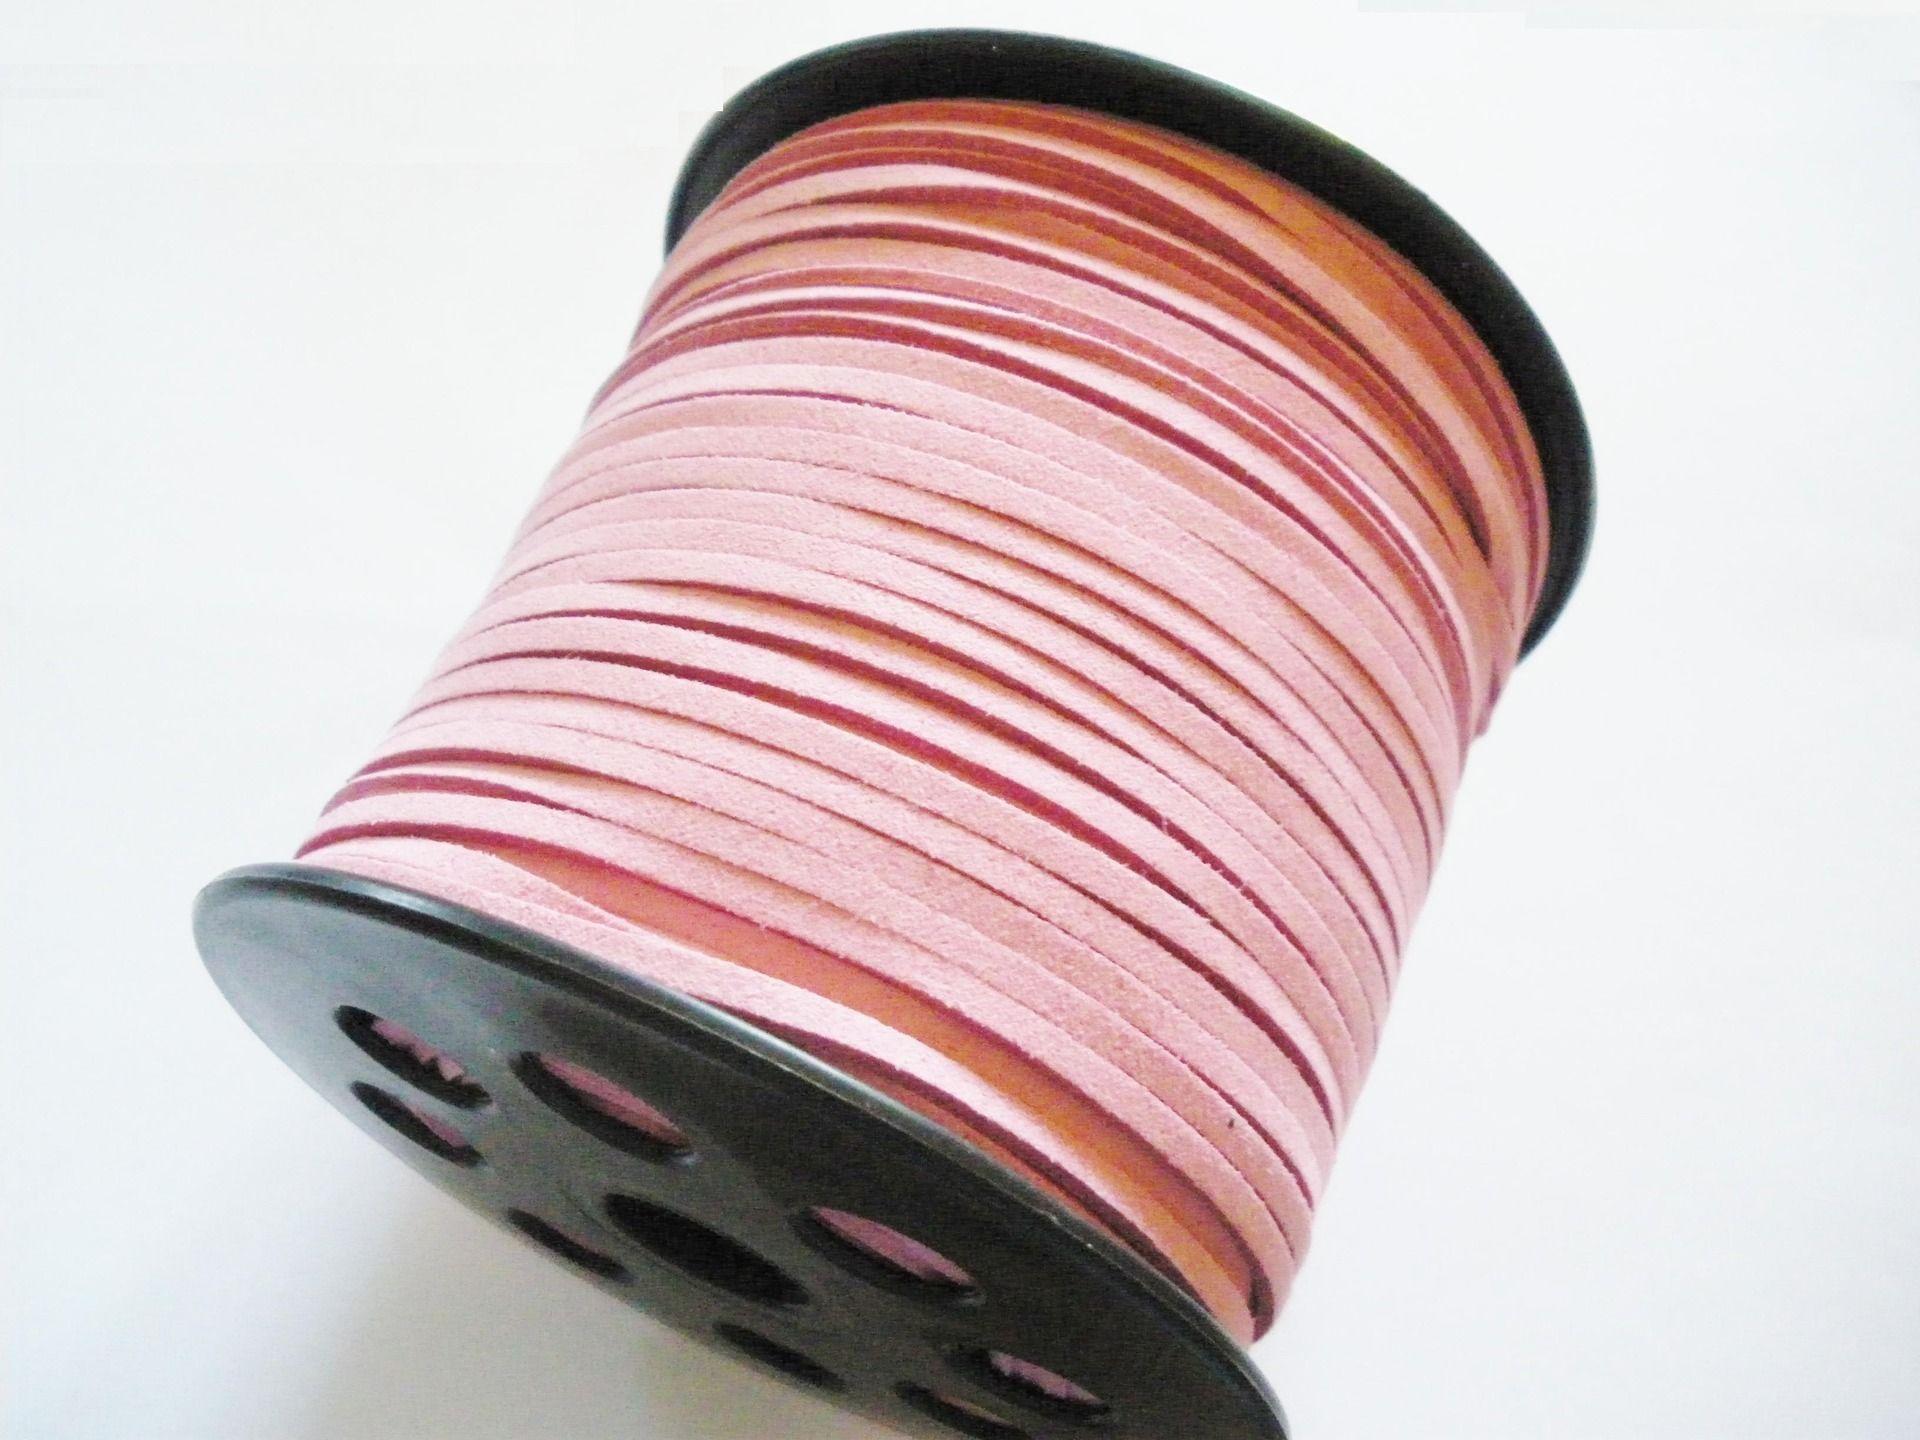 Corde Cuir suédine 1,5mm  pour bijoux collier bracelet perles  leather cord